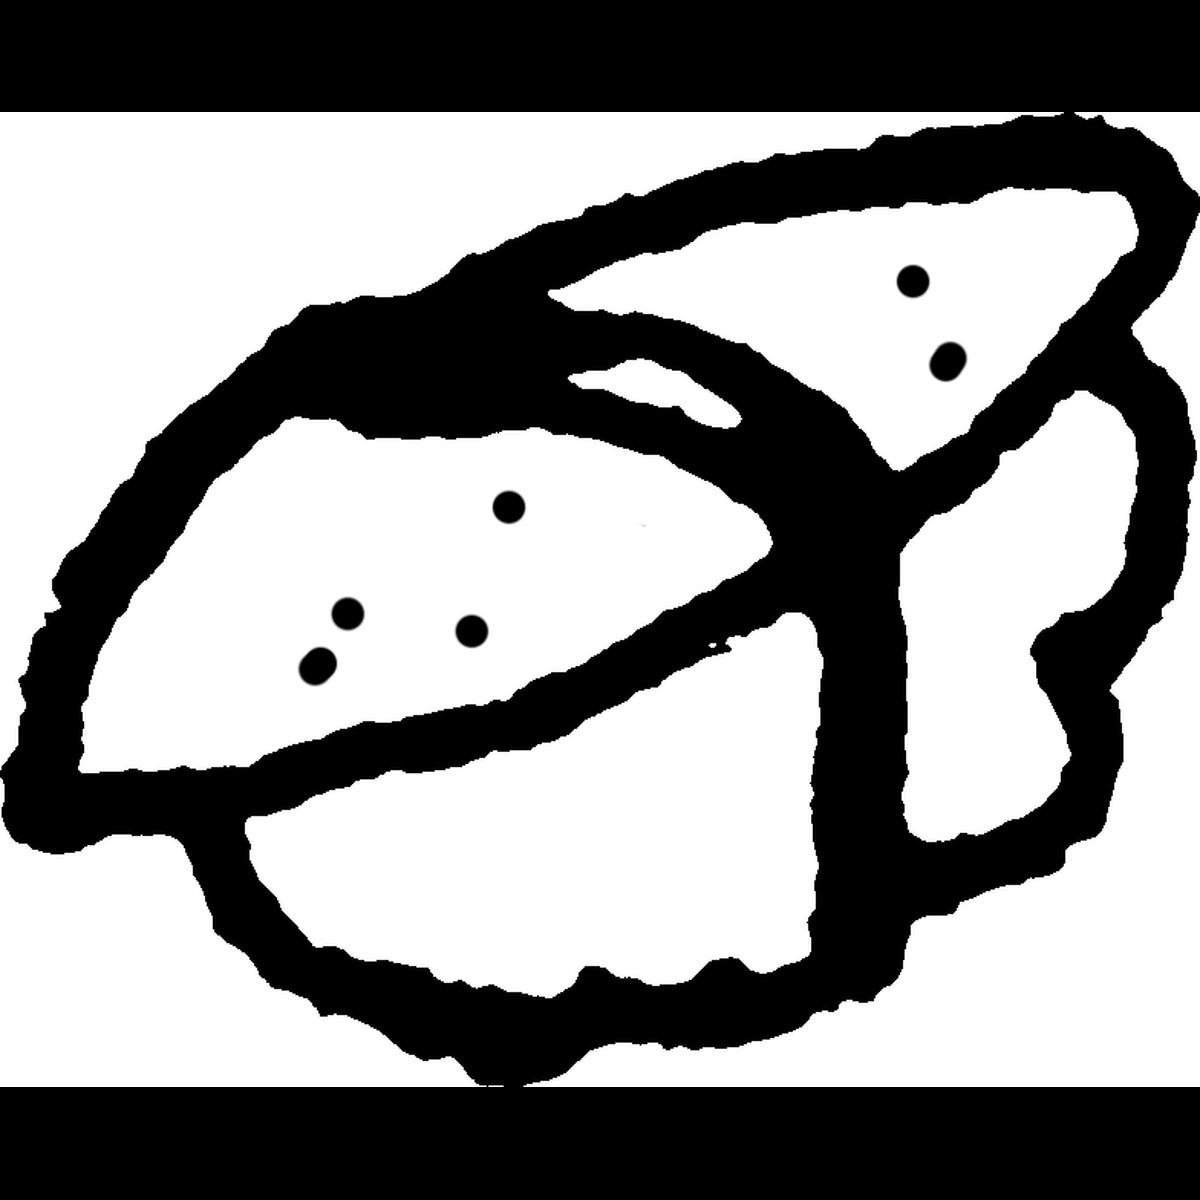 寿司 にぎり 数の子のイラスト Sushi Herring roe Illust